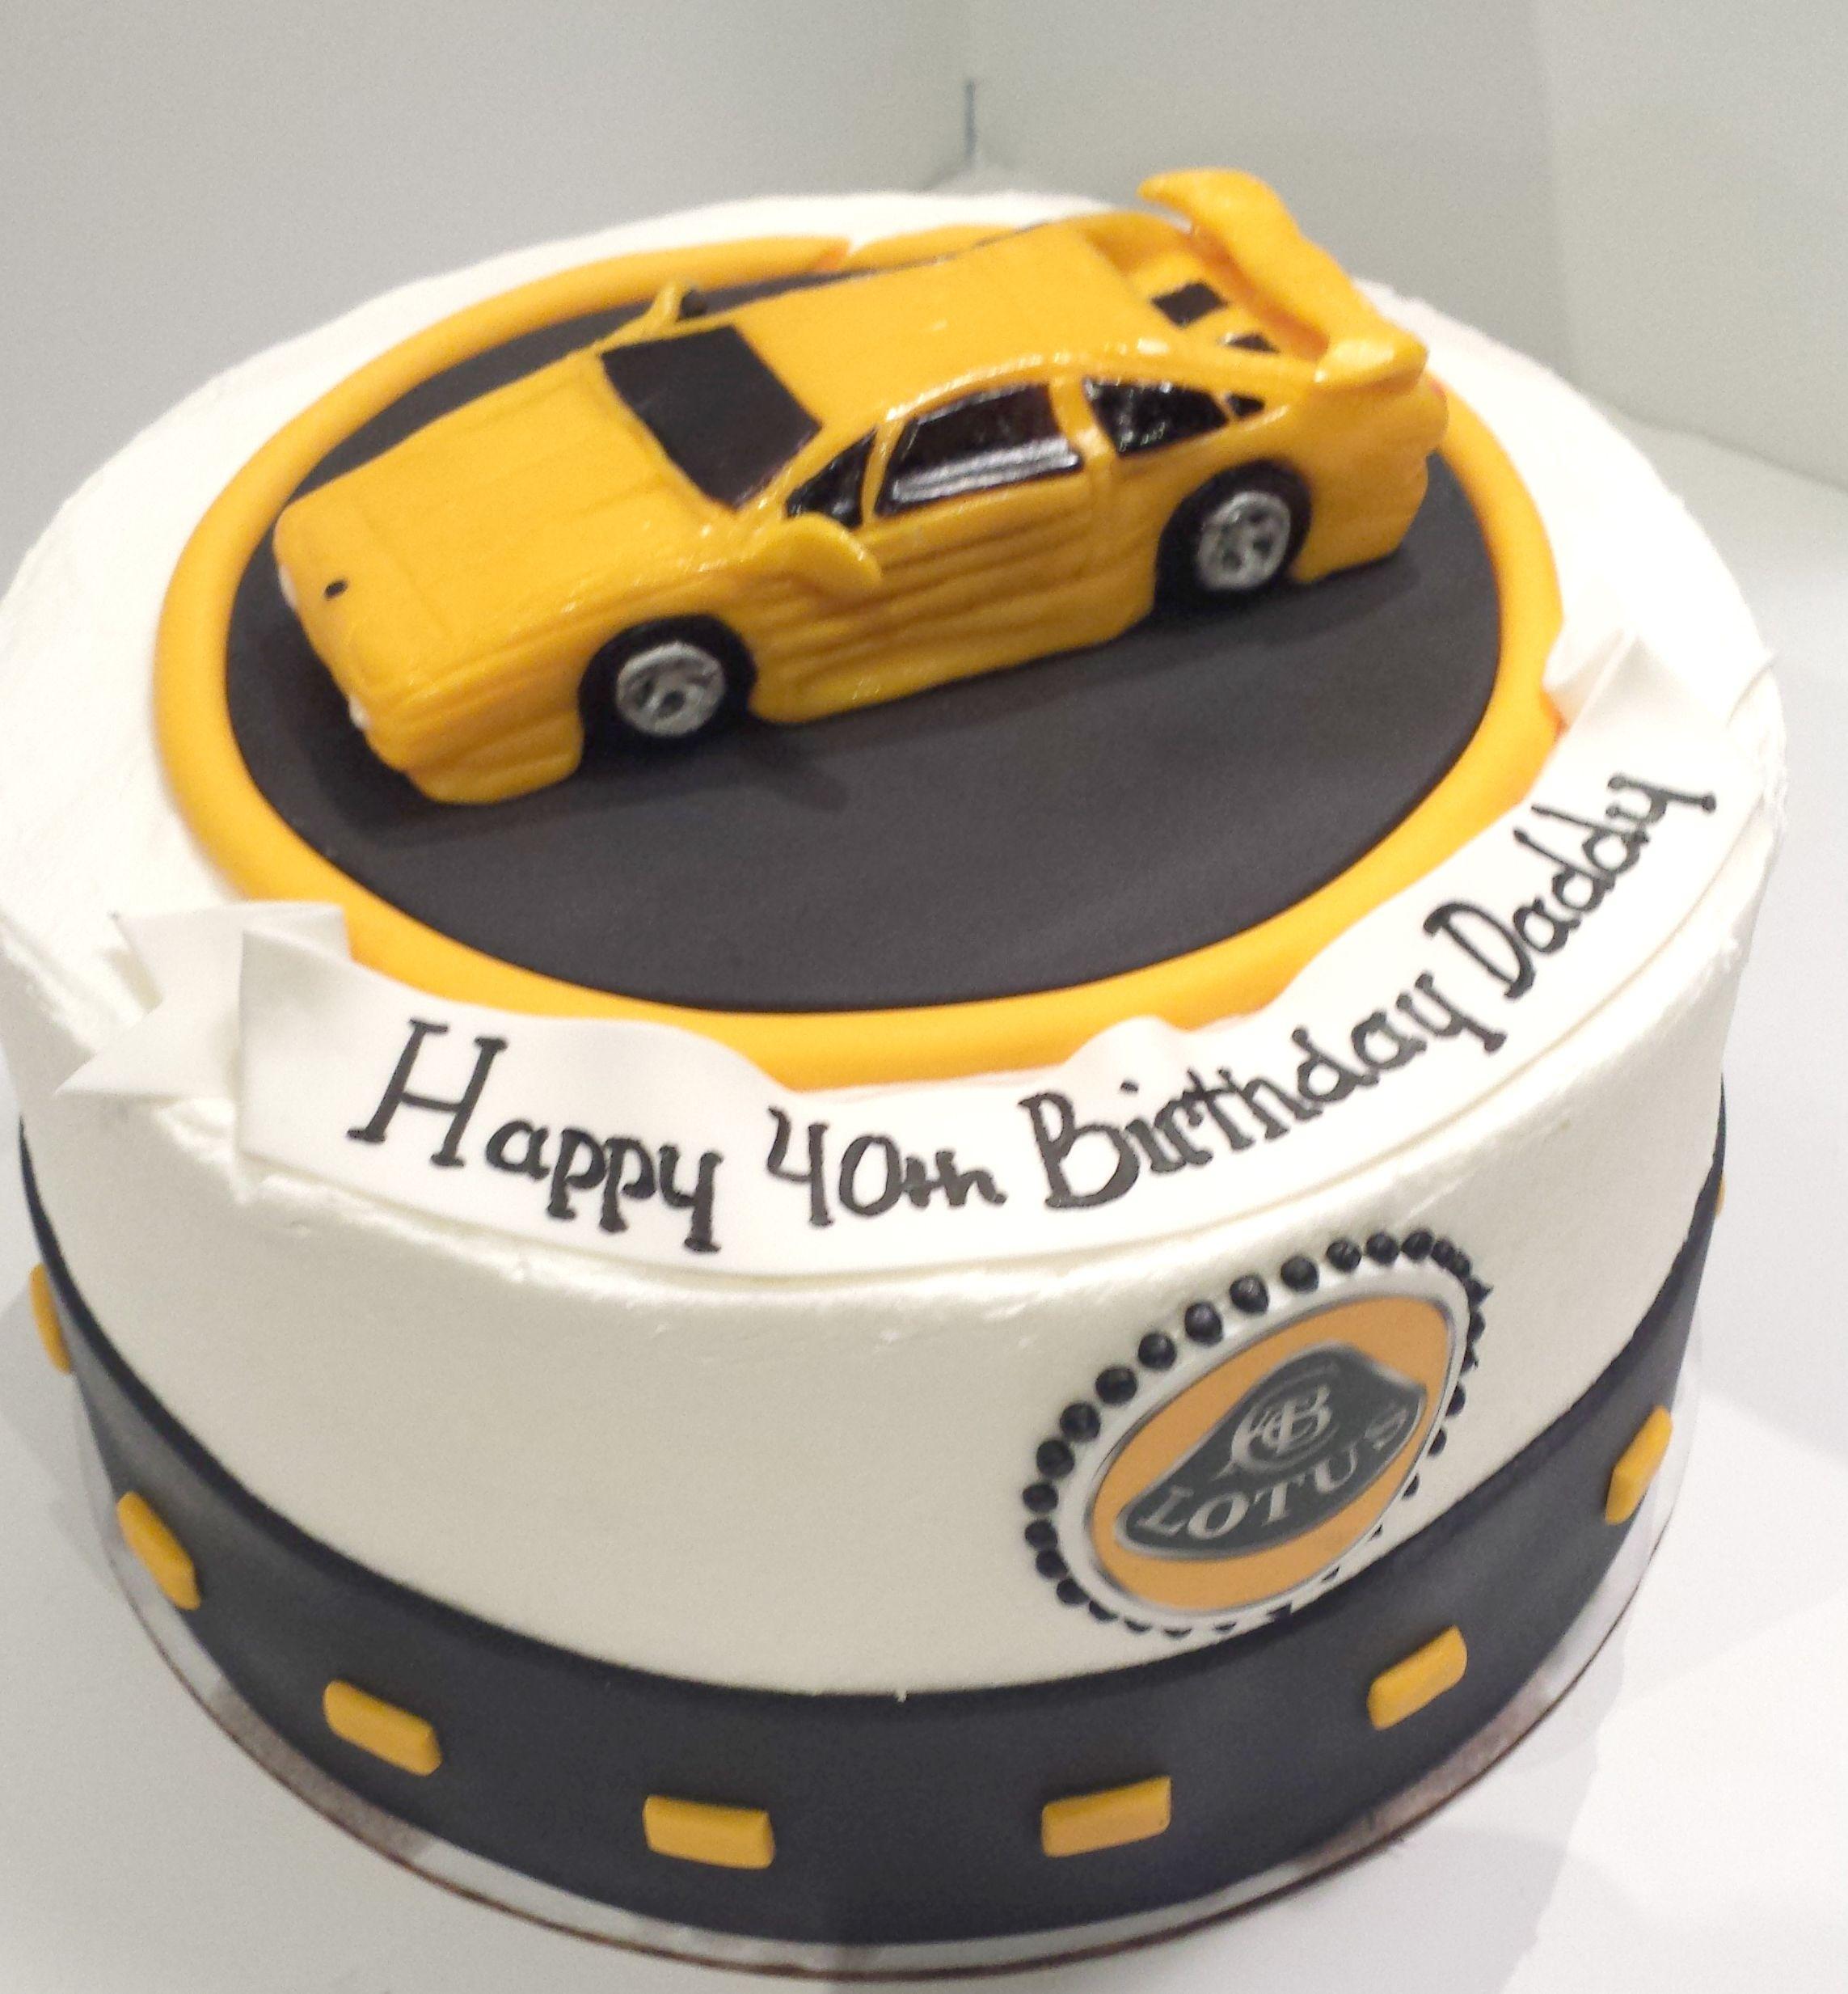 Lotus Car Birthday Cake Cakes Pinterest Birthday cakes and Cake